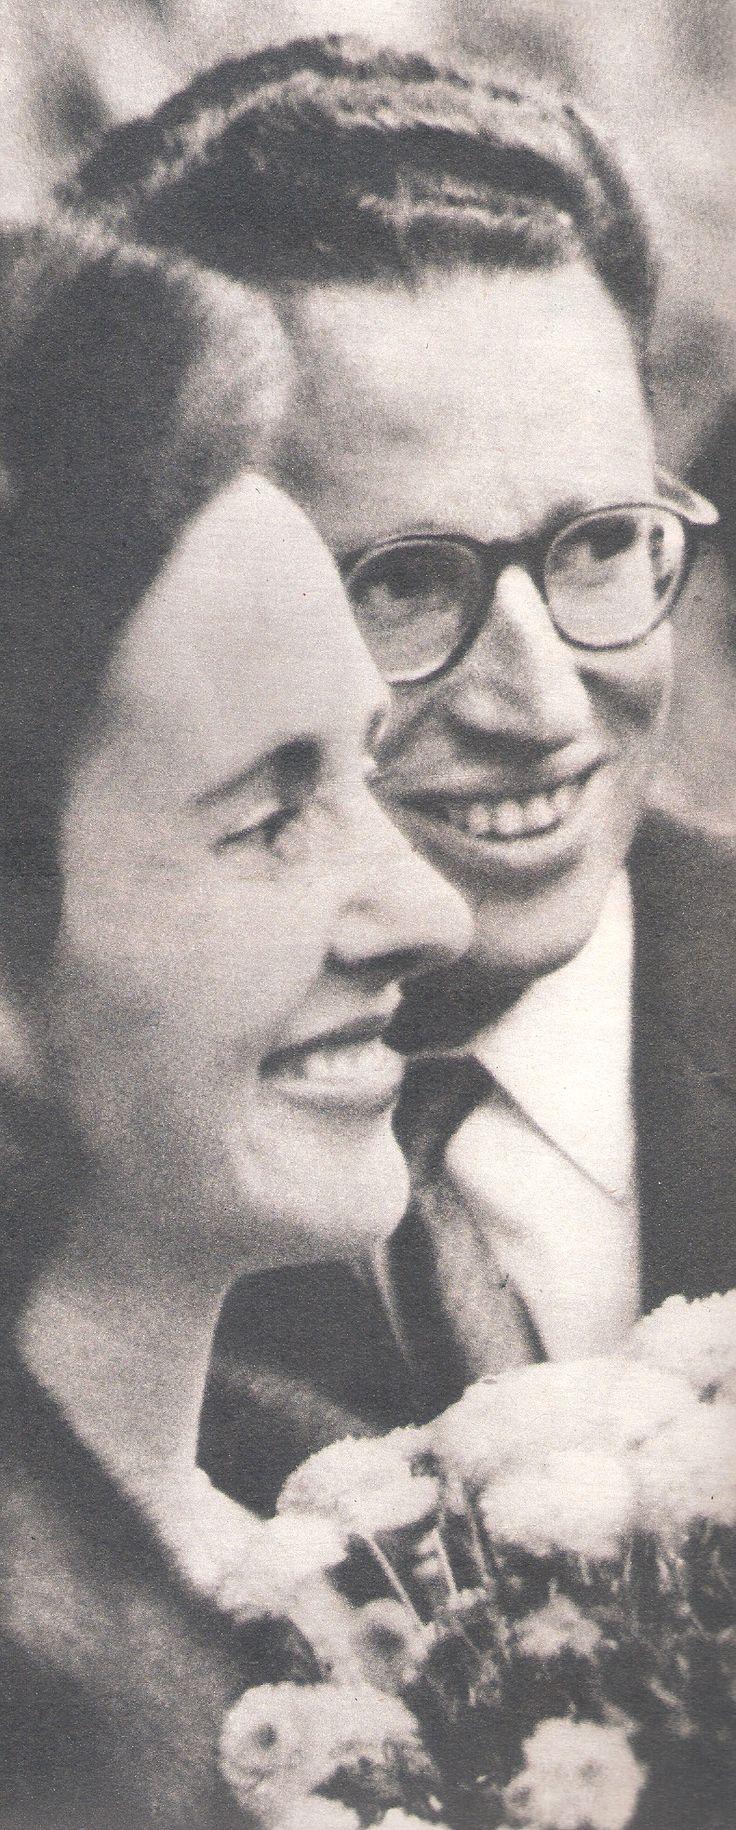 Roi Baudouin et Dona Fabiola 1960. Revue Le patriote illustré N°44